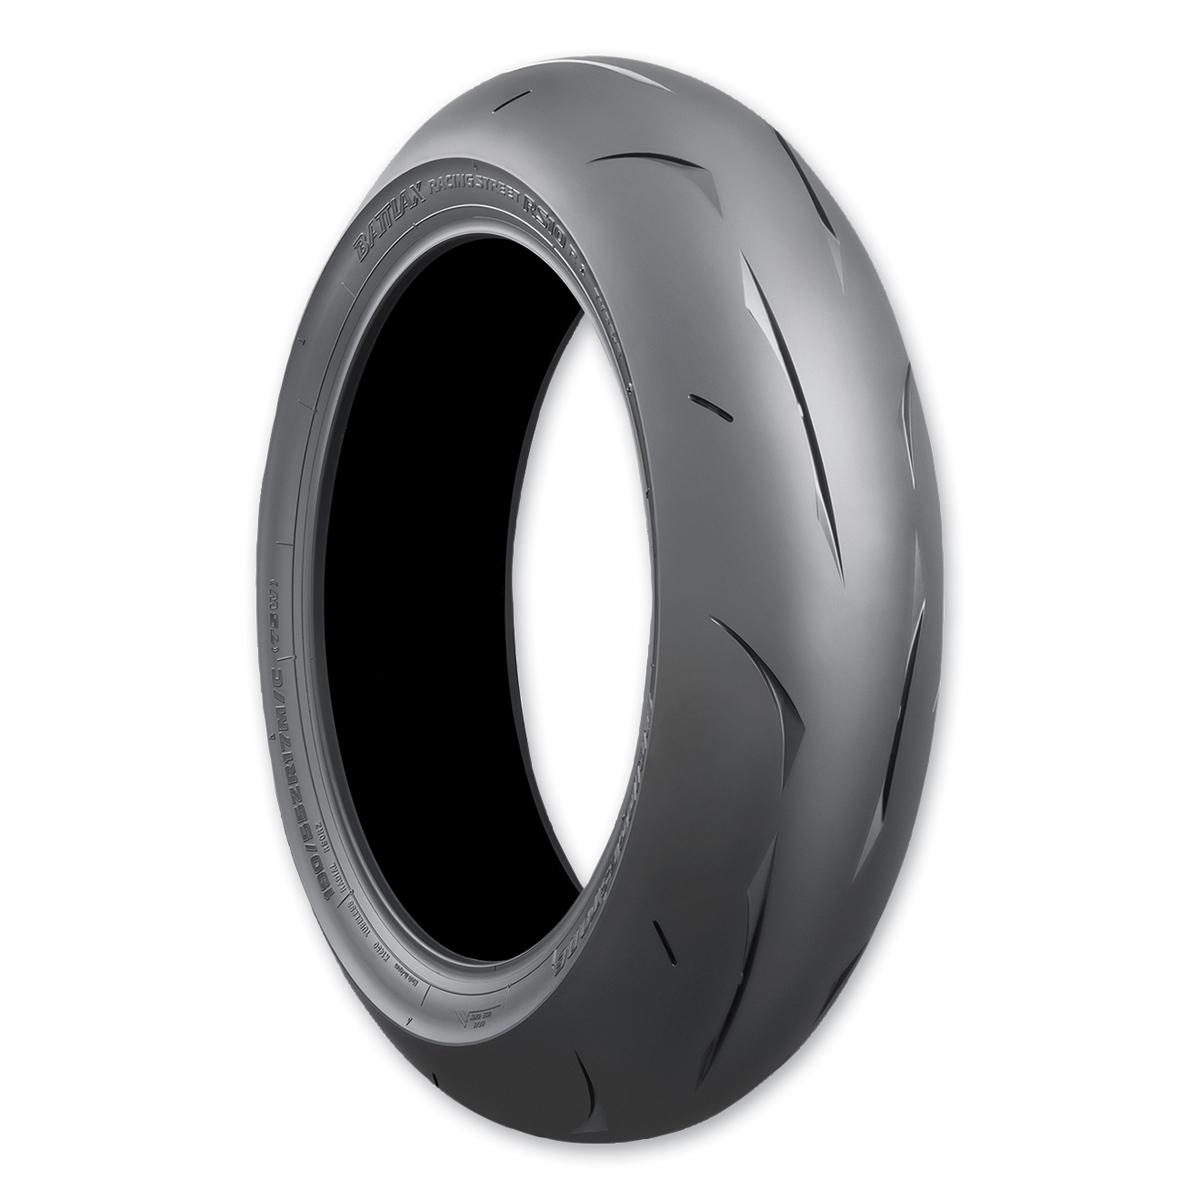 Bridgestone Battlax RS10-G 190/55ZR17 Rear Tire